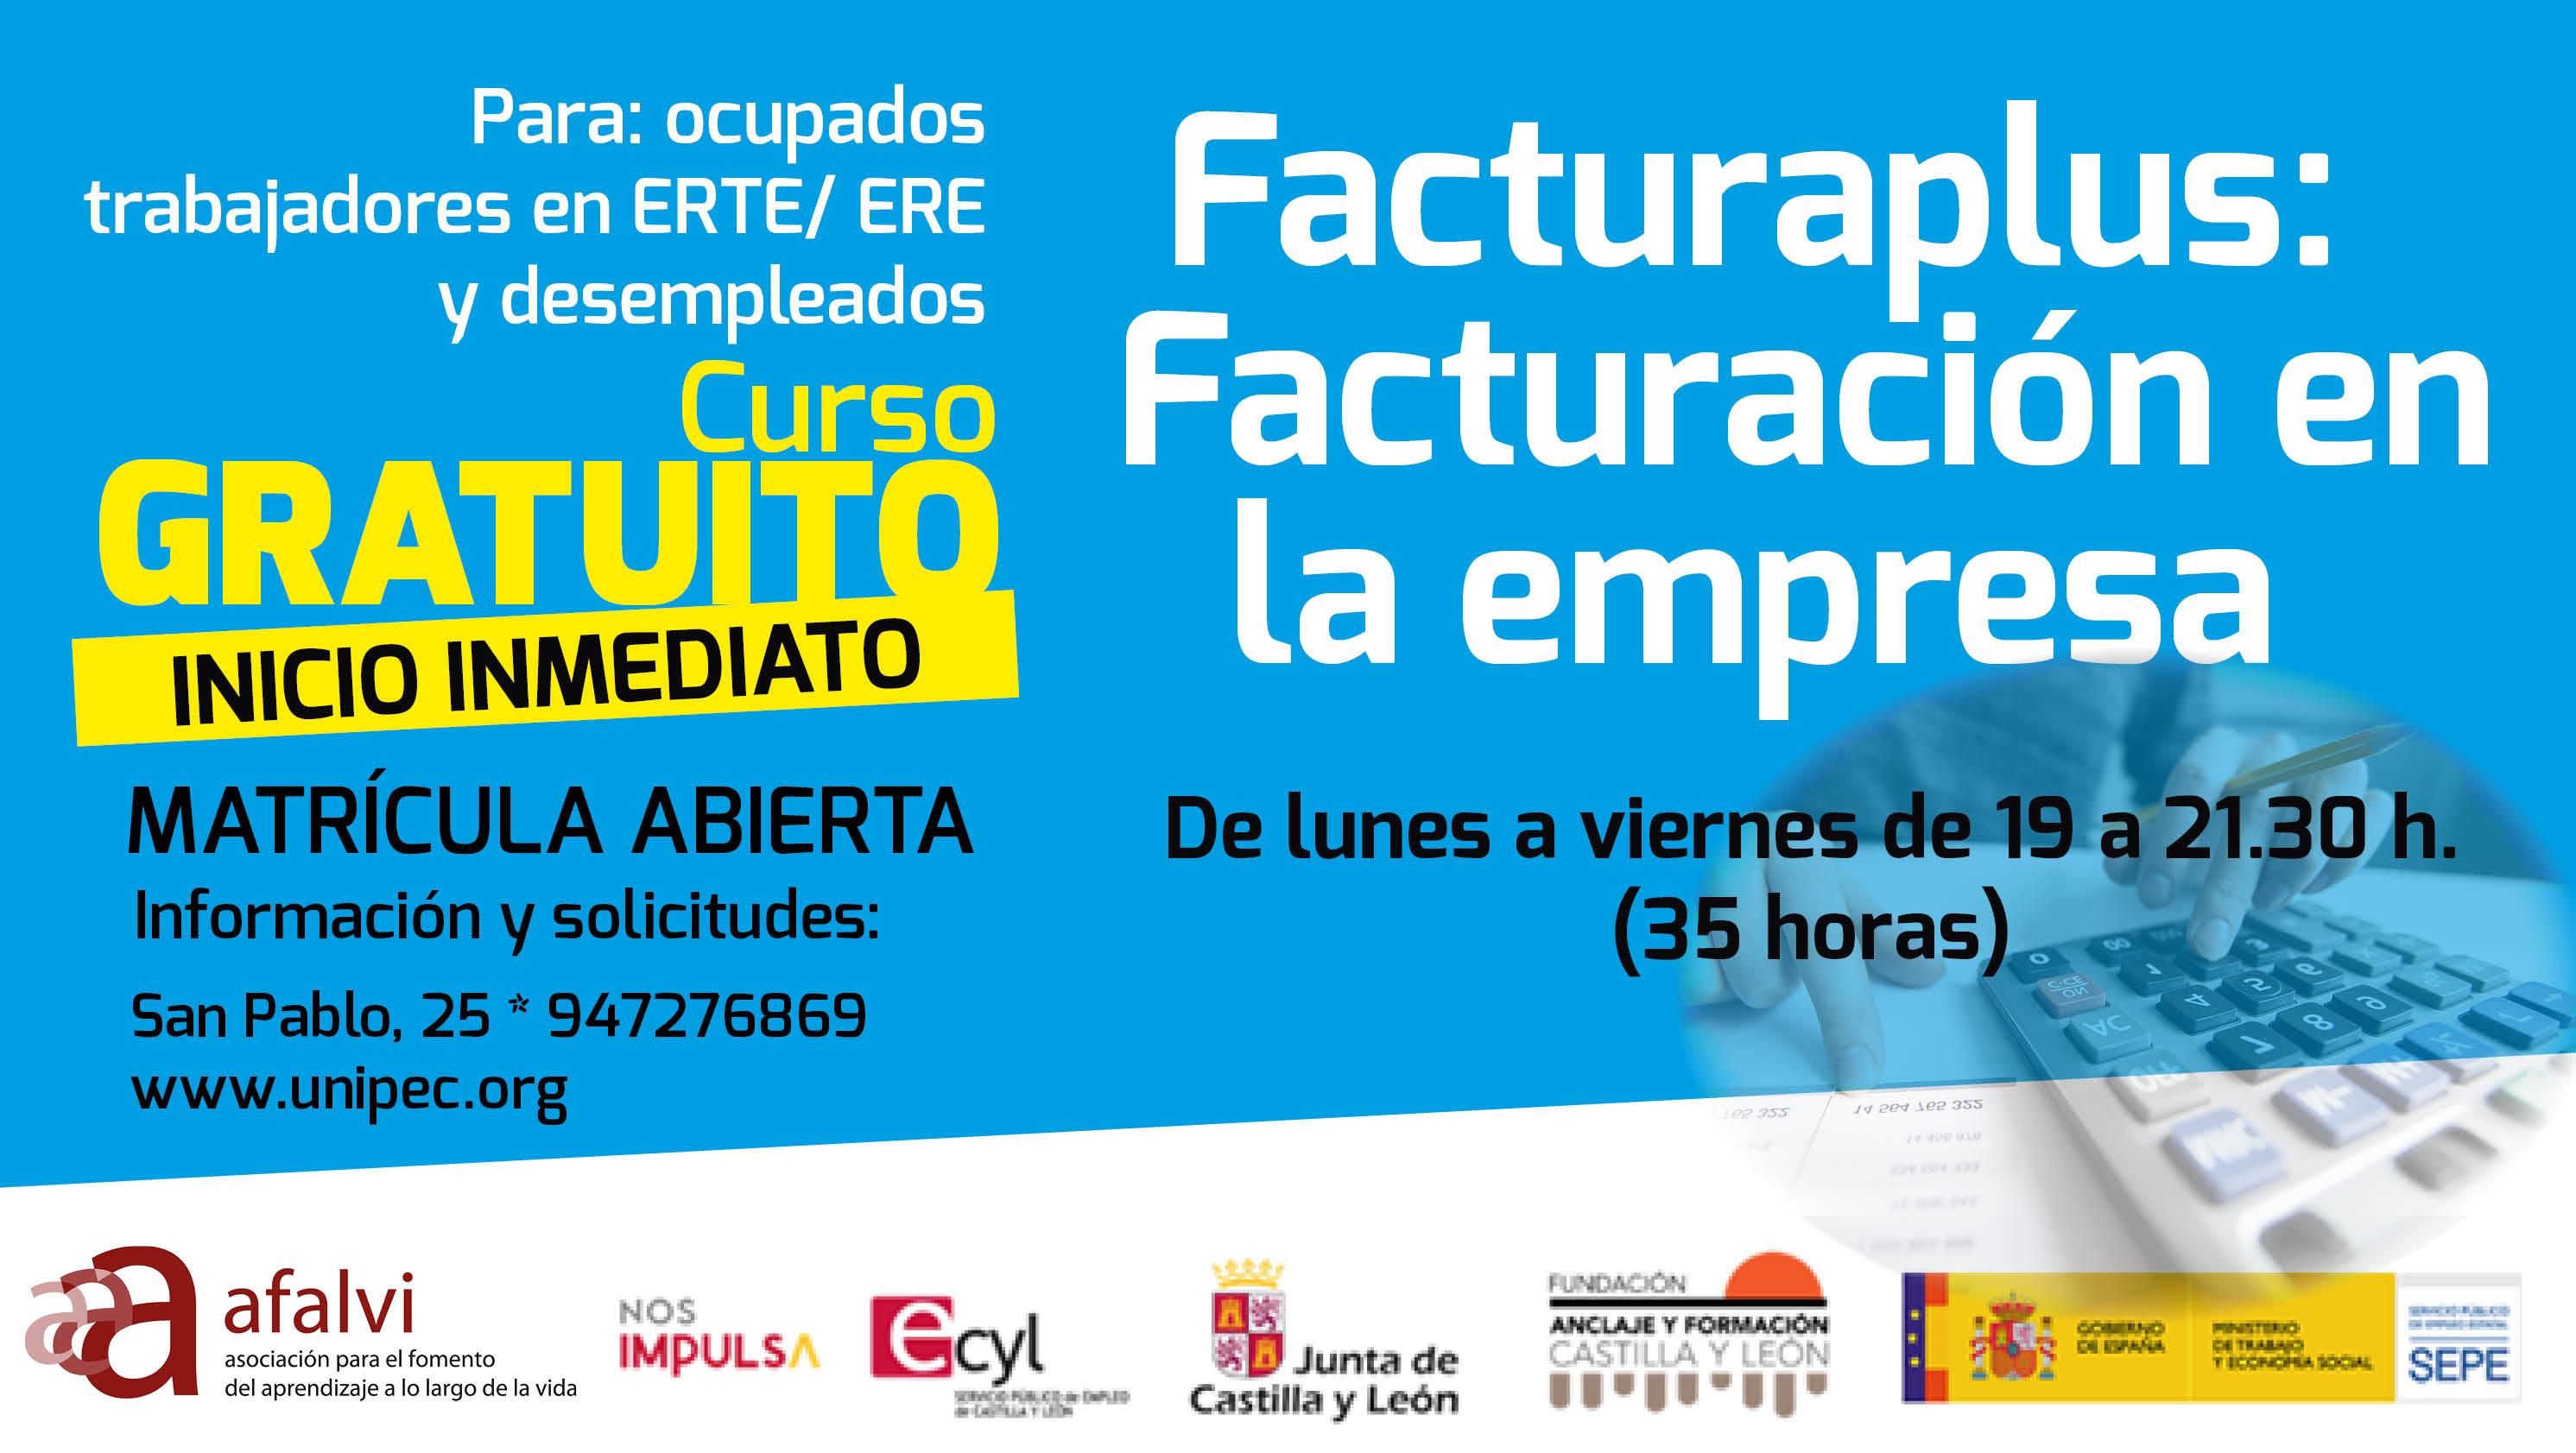 Facturaplus: Facturación en la empresa (35 horas)